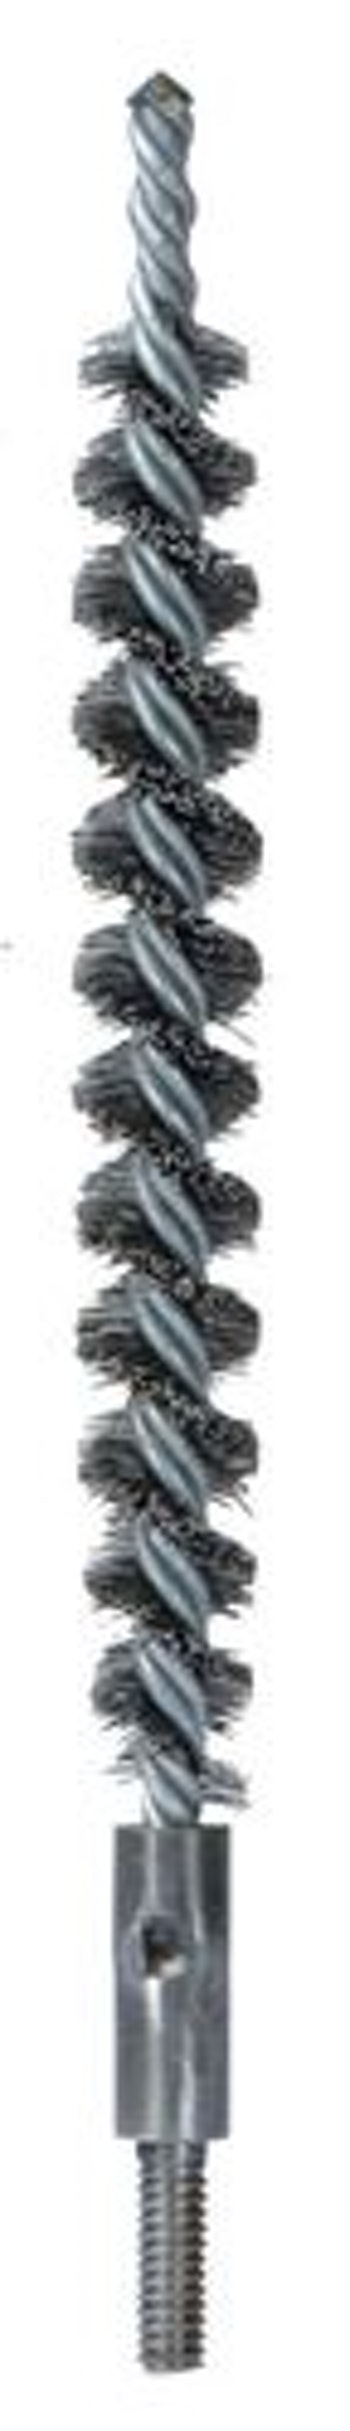 Escova Tubular 13mm Fio 0,30mm - Abrasfer - T3000-13MM - Unitário